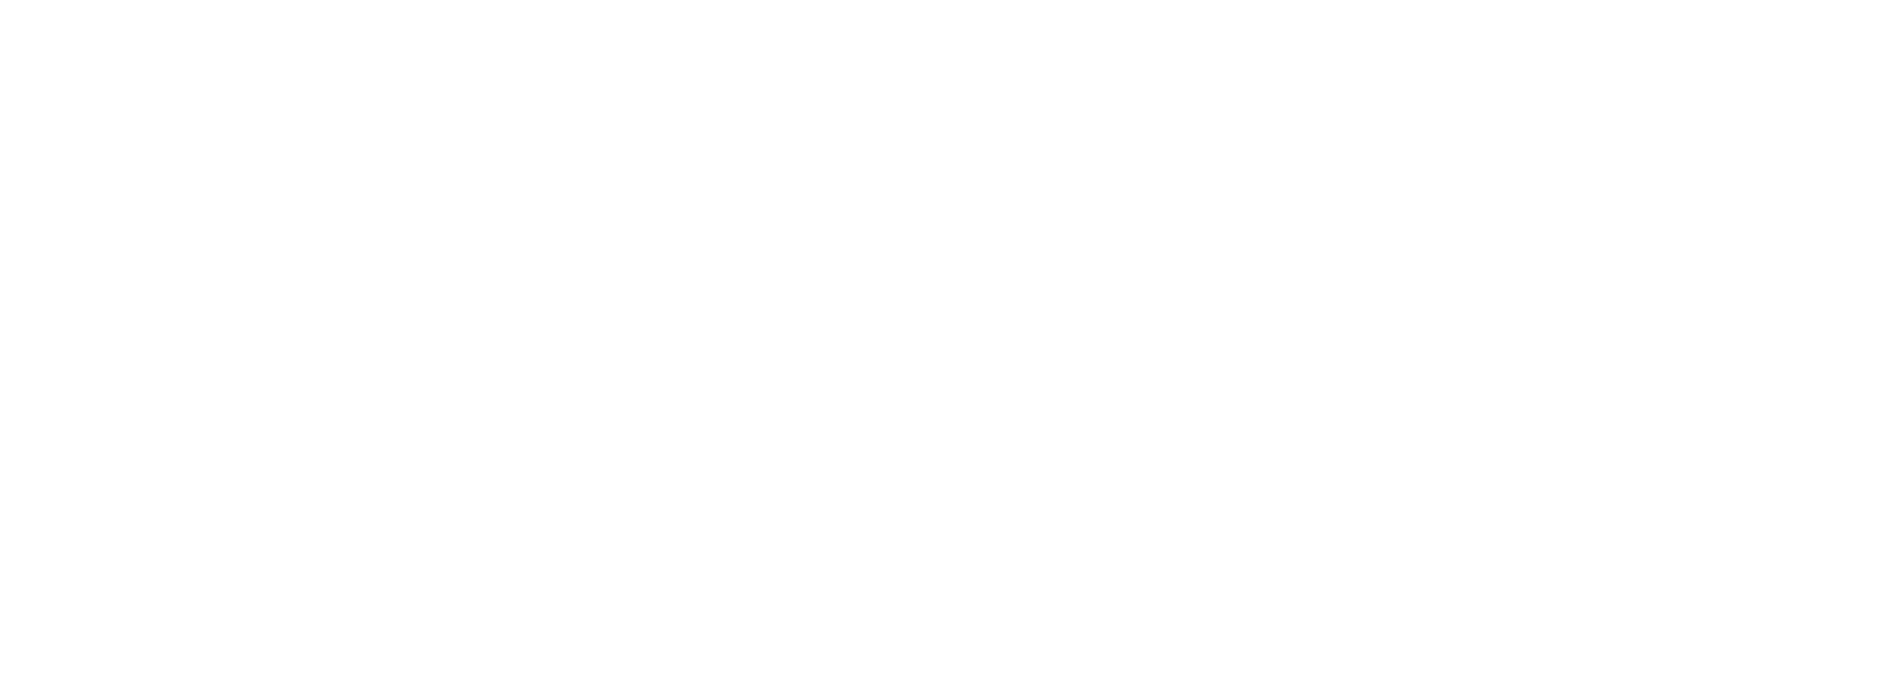 AIS Crest